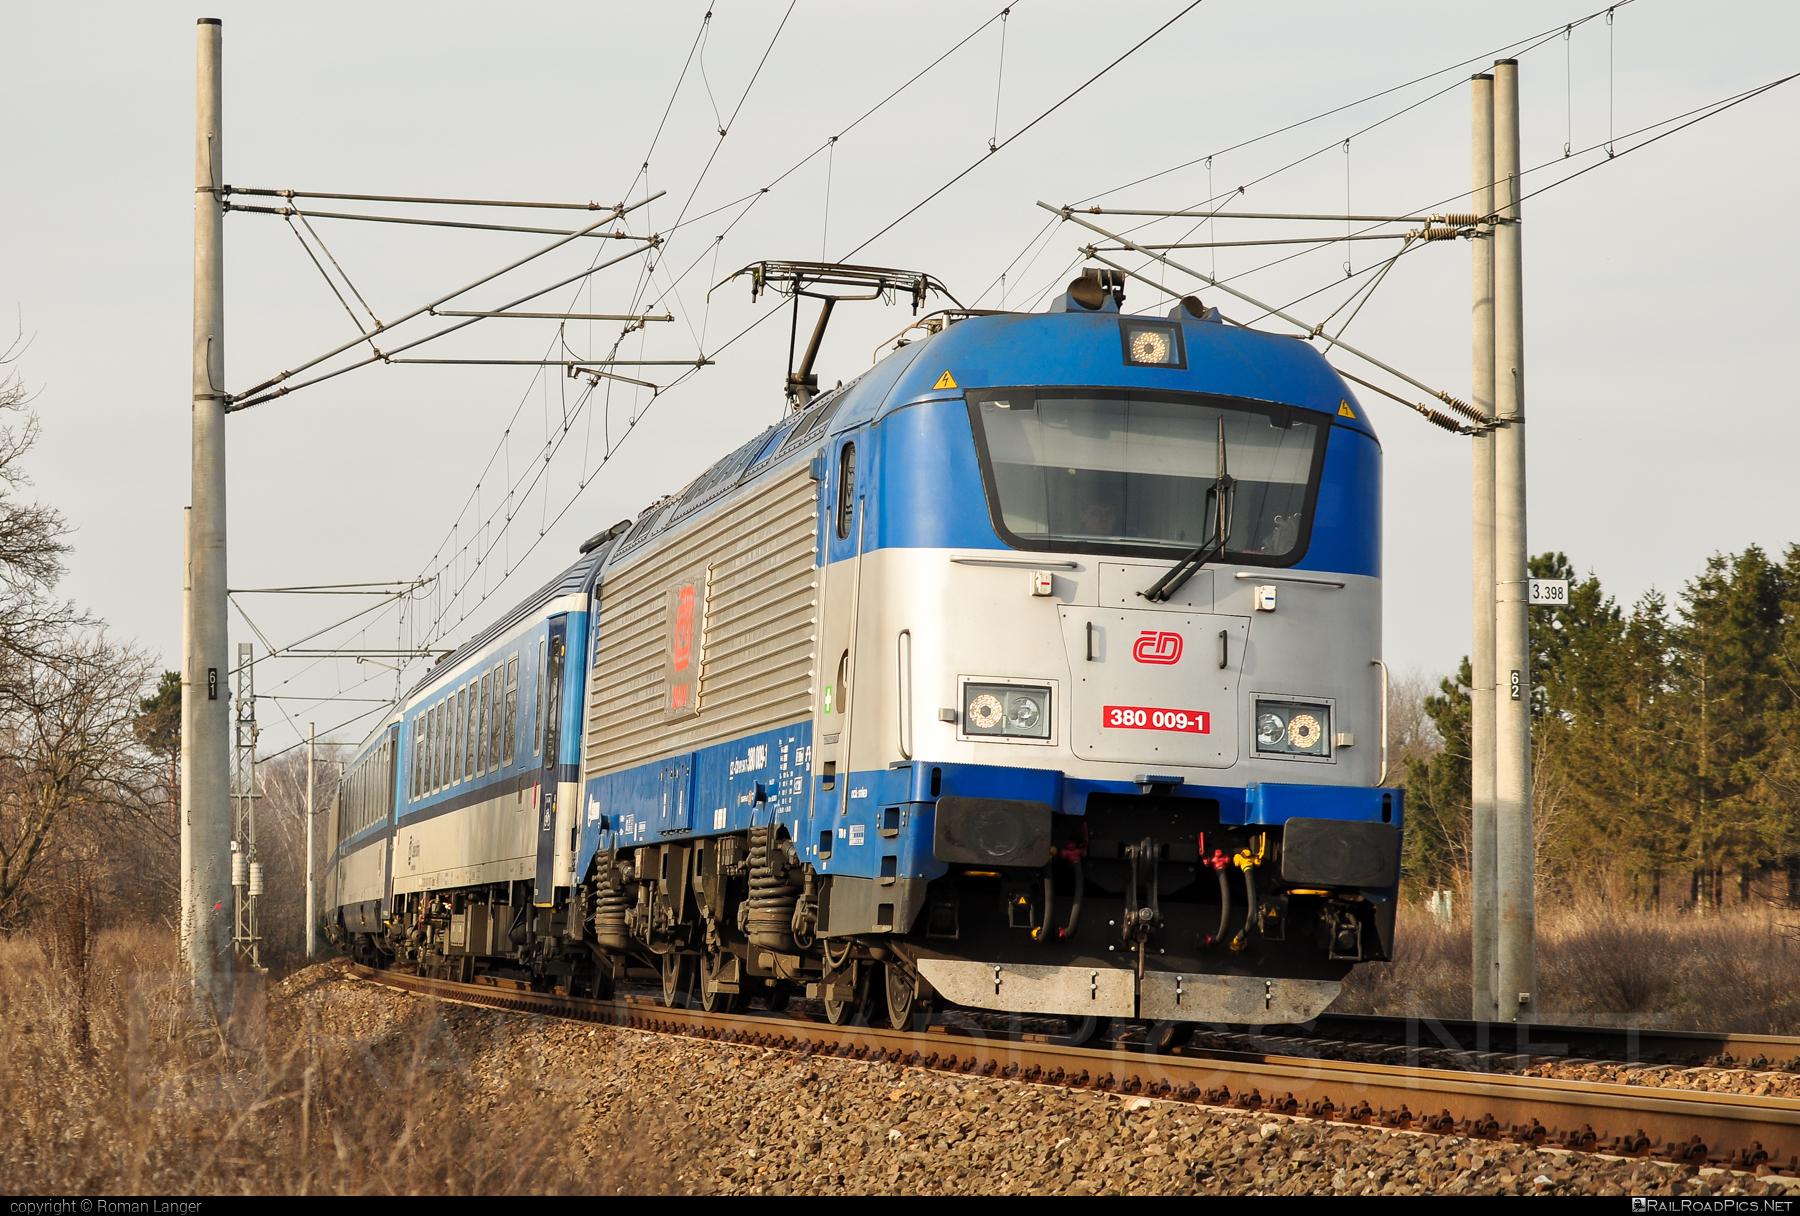 Škoda 109E1 Emil Zátopek - 380 009-1 operated by České dráhy, a.s. #ceskedrahy #emilzatopeklocomotive #locomotive380 #skoda #skoda109e #skoda109elocomotive